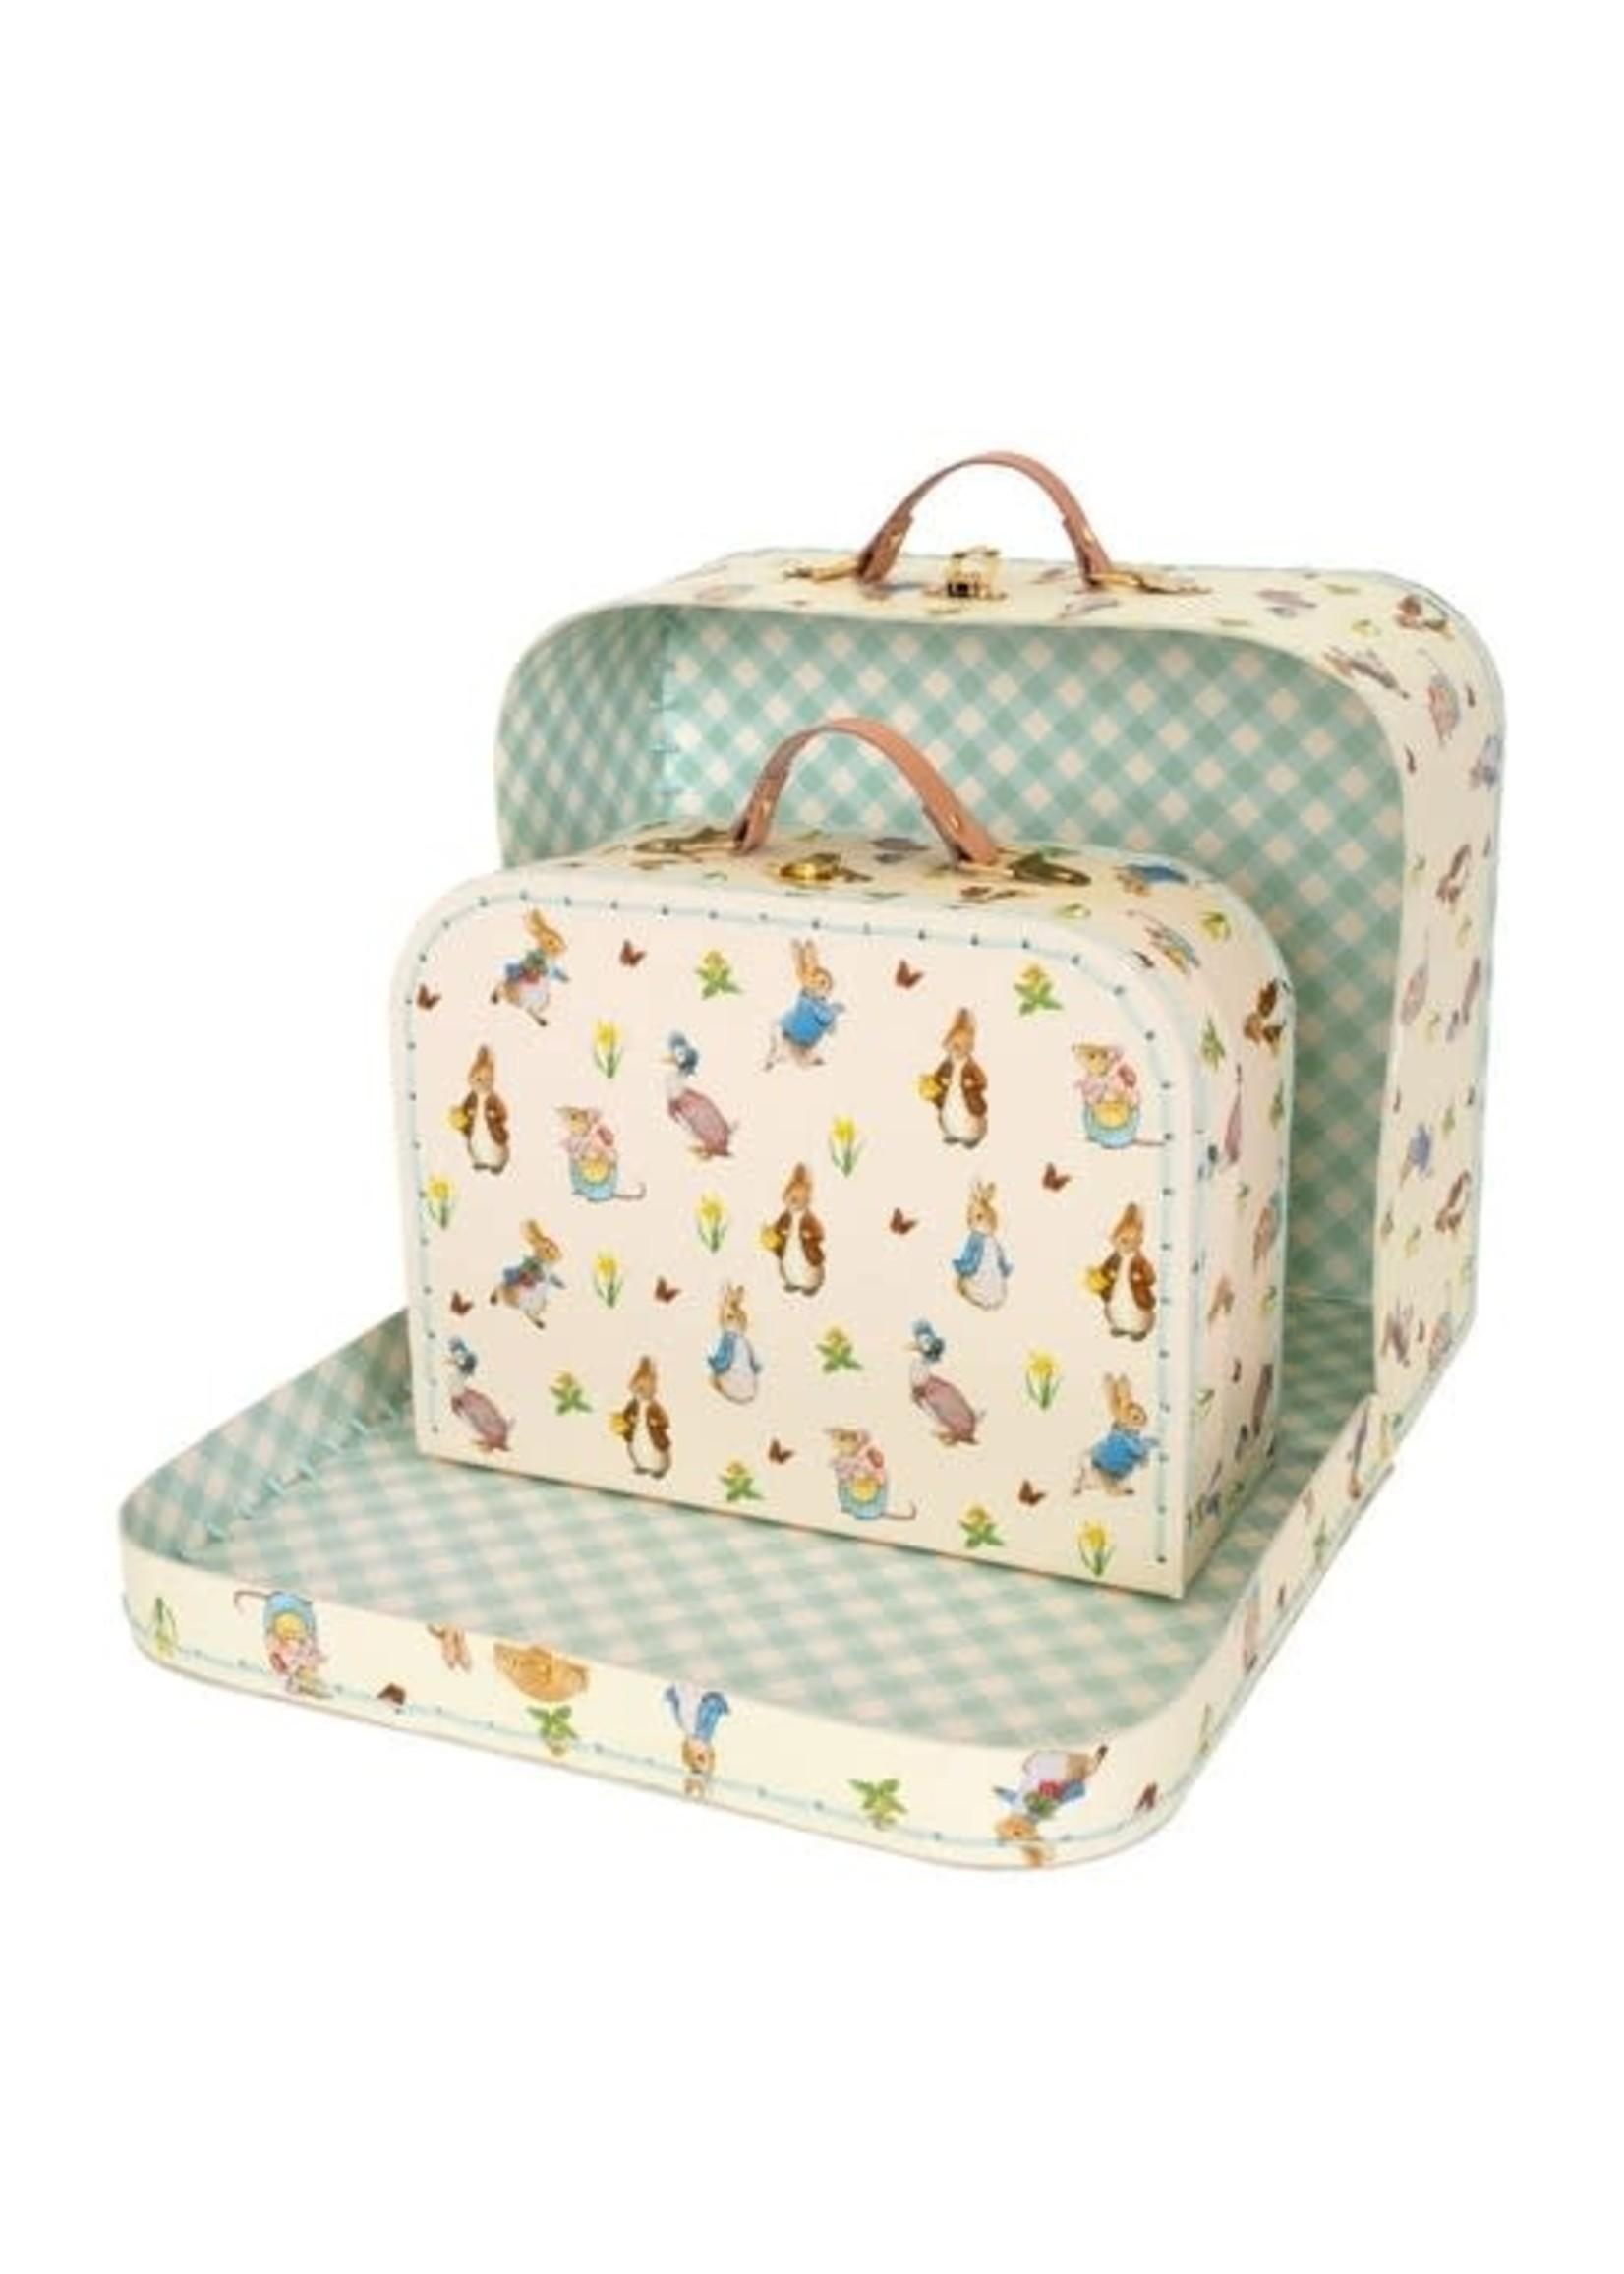 Meri Meri Peter Rabbit Suitcases (set of 2)